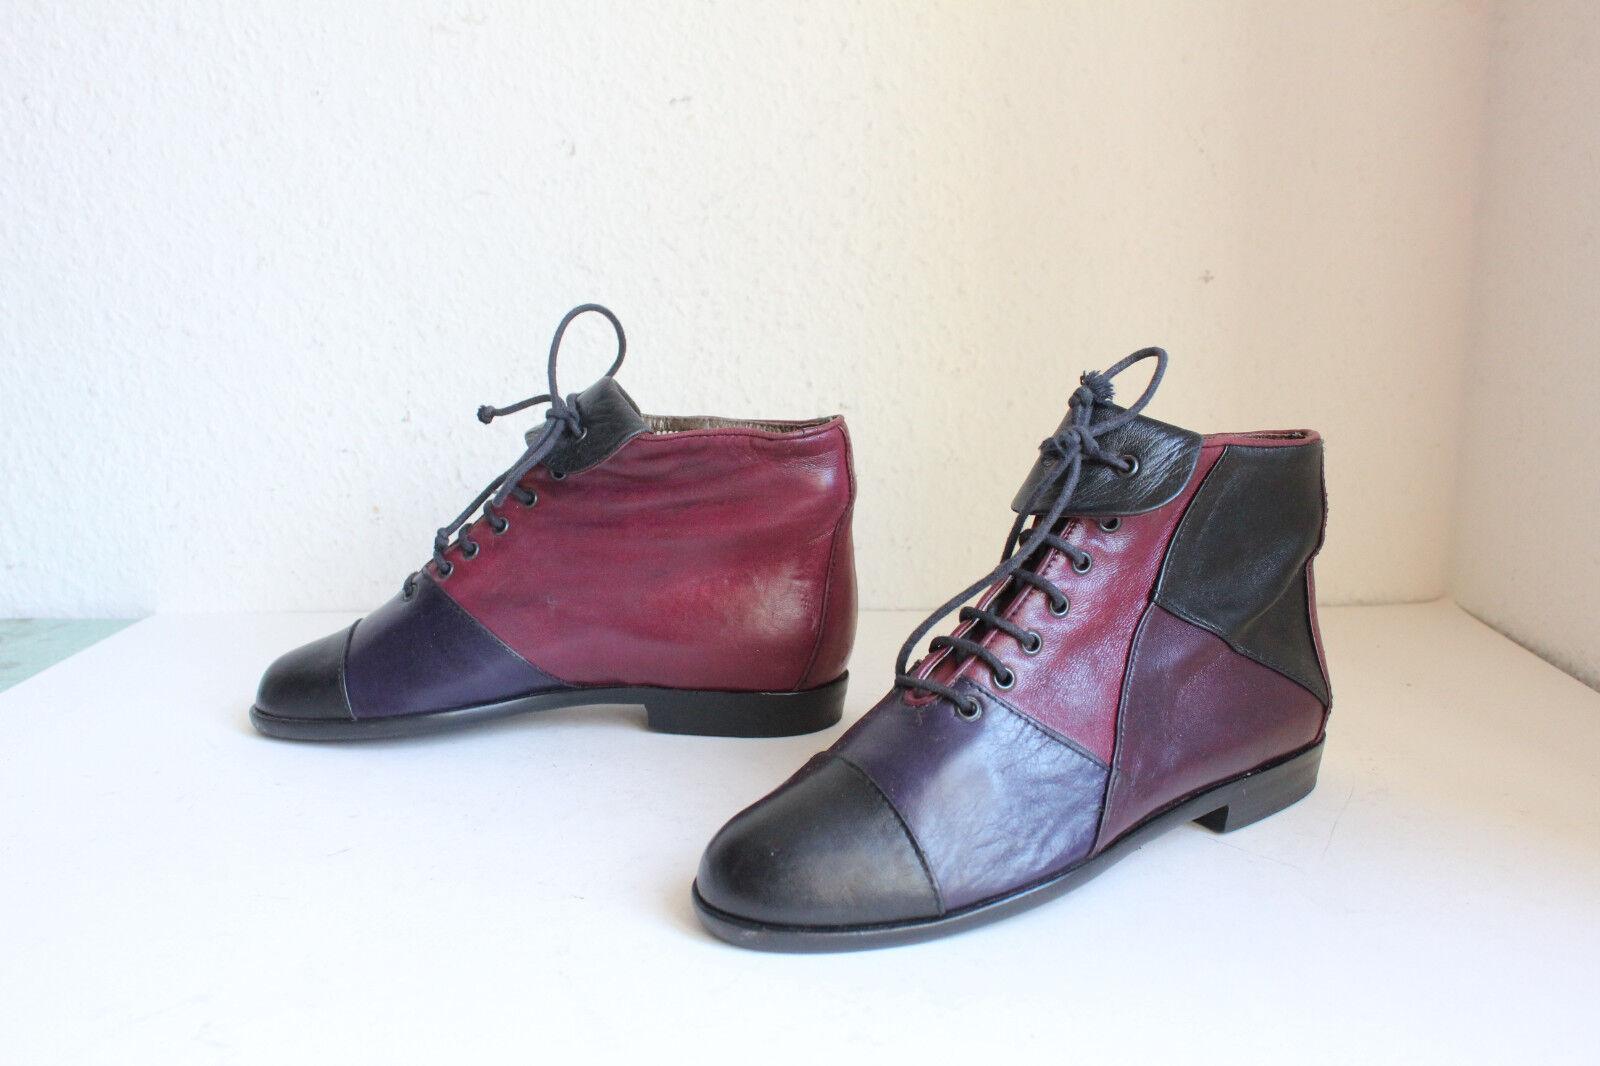 Vintage Giorgio elegante botines de cuero genuino multicolor eu:36 Made in Italy